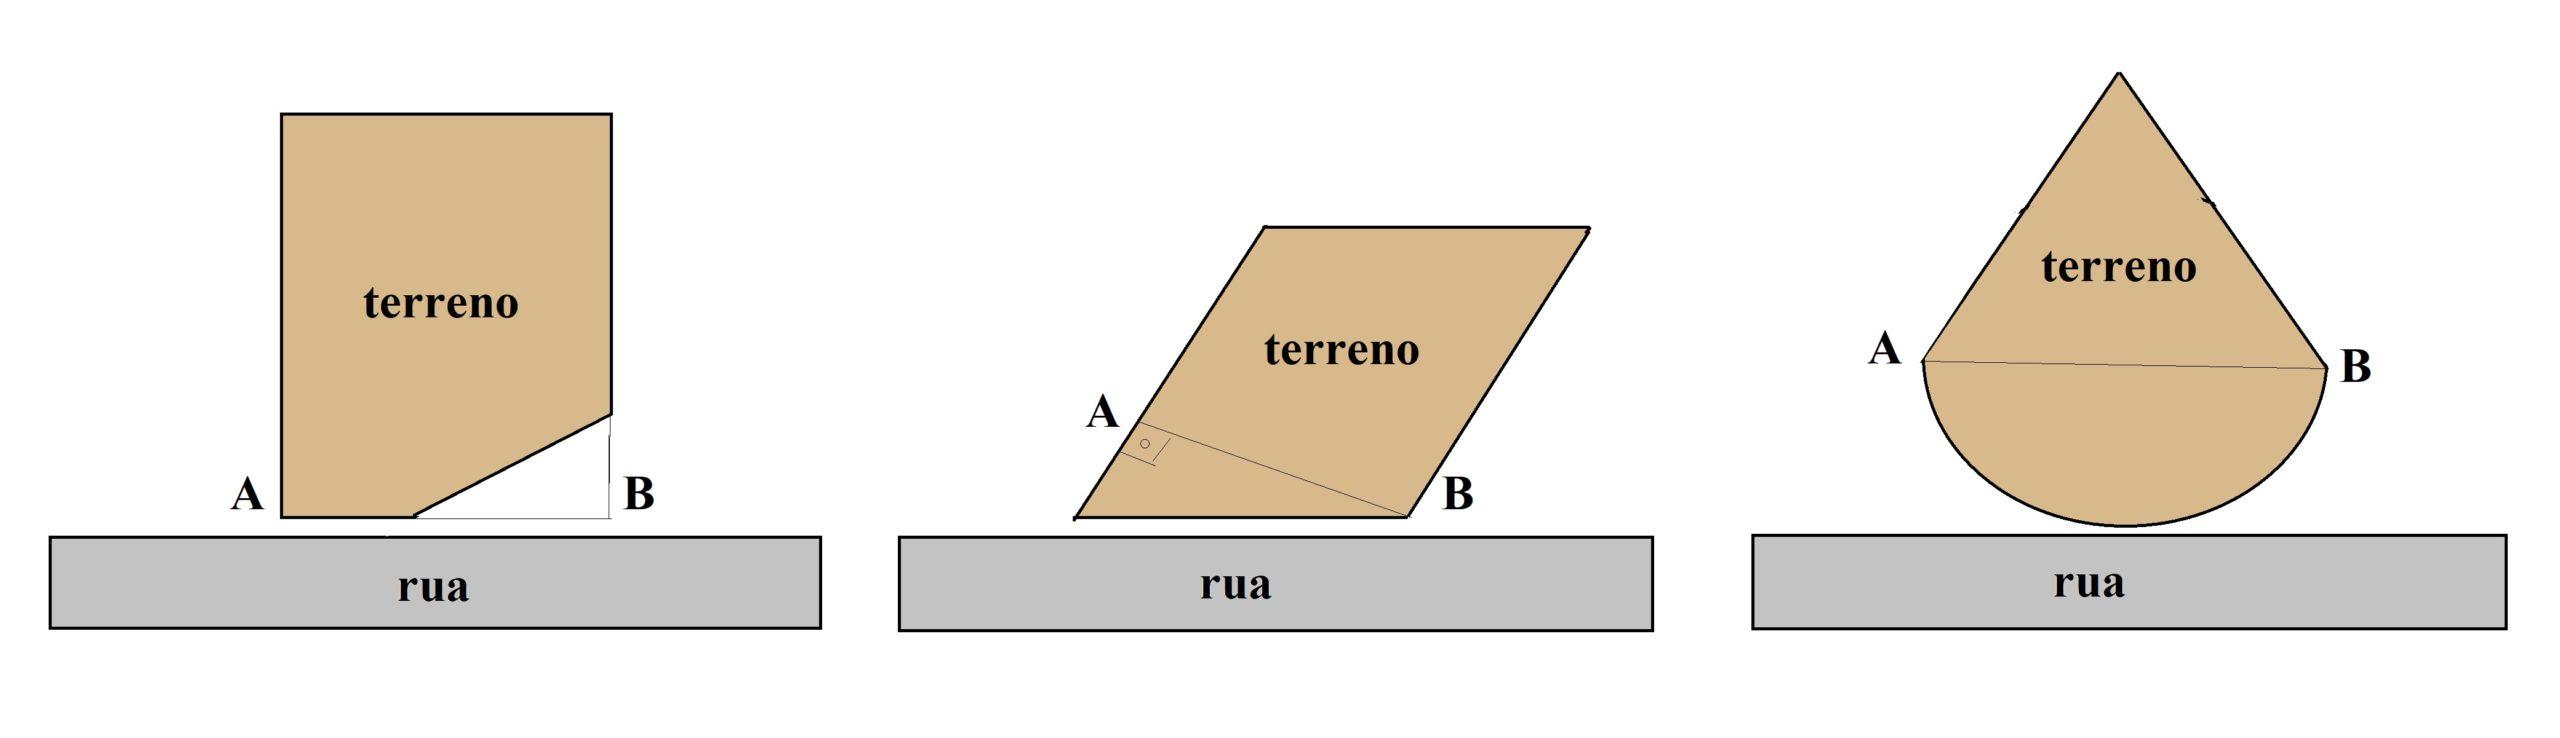 Exemplos de frente projetada, representada por Fp=AB